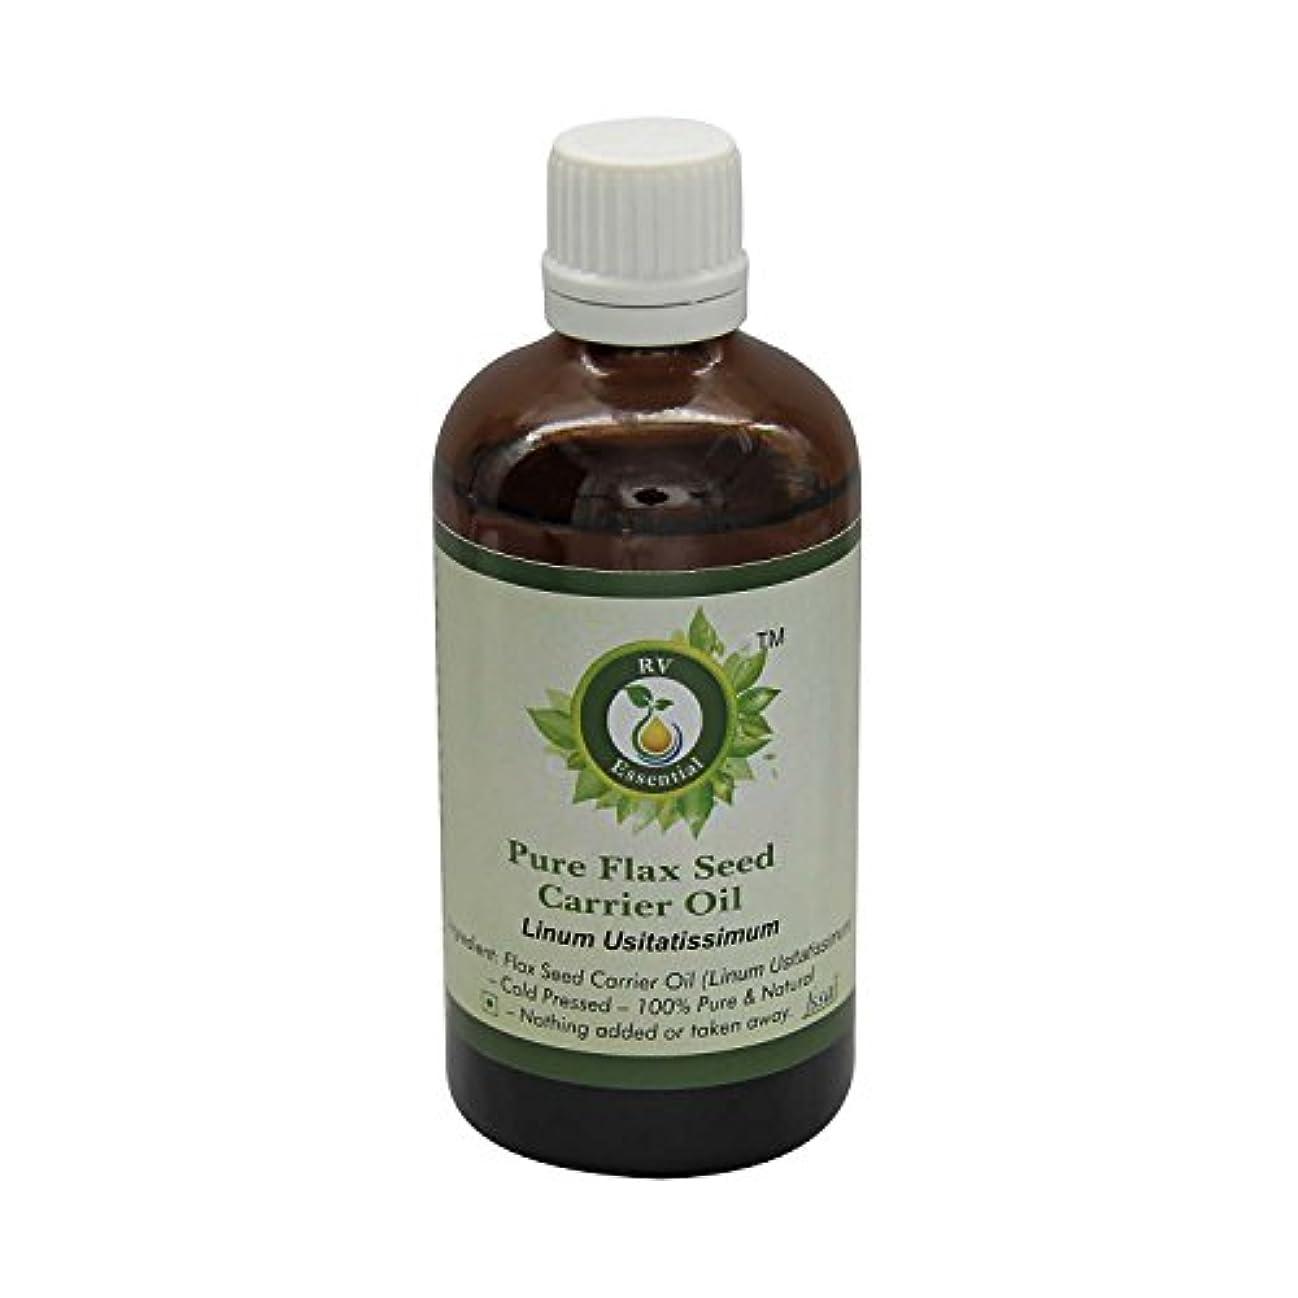 渇き鰐失礼なR V Essential 純粋な亜麻シードキャリアオイル50ml (1.69oz)- Linum Usitatissimum (100%ピュア&ナチュラルコールドPressed) Pure Flax Seed Carrier...